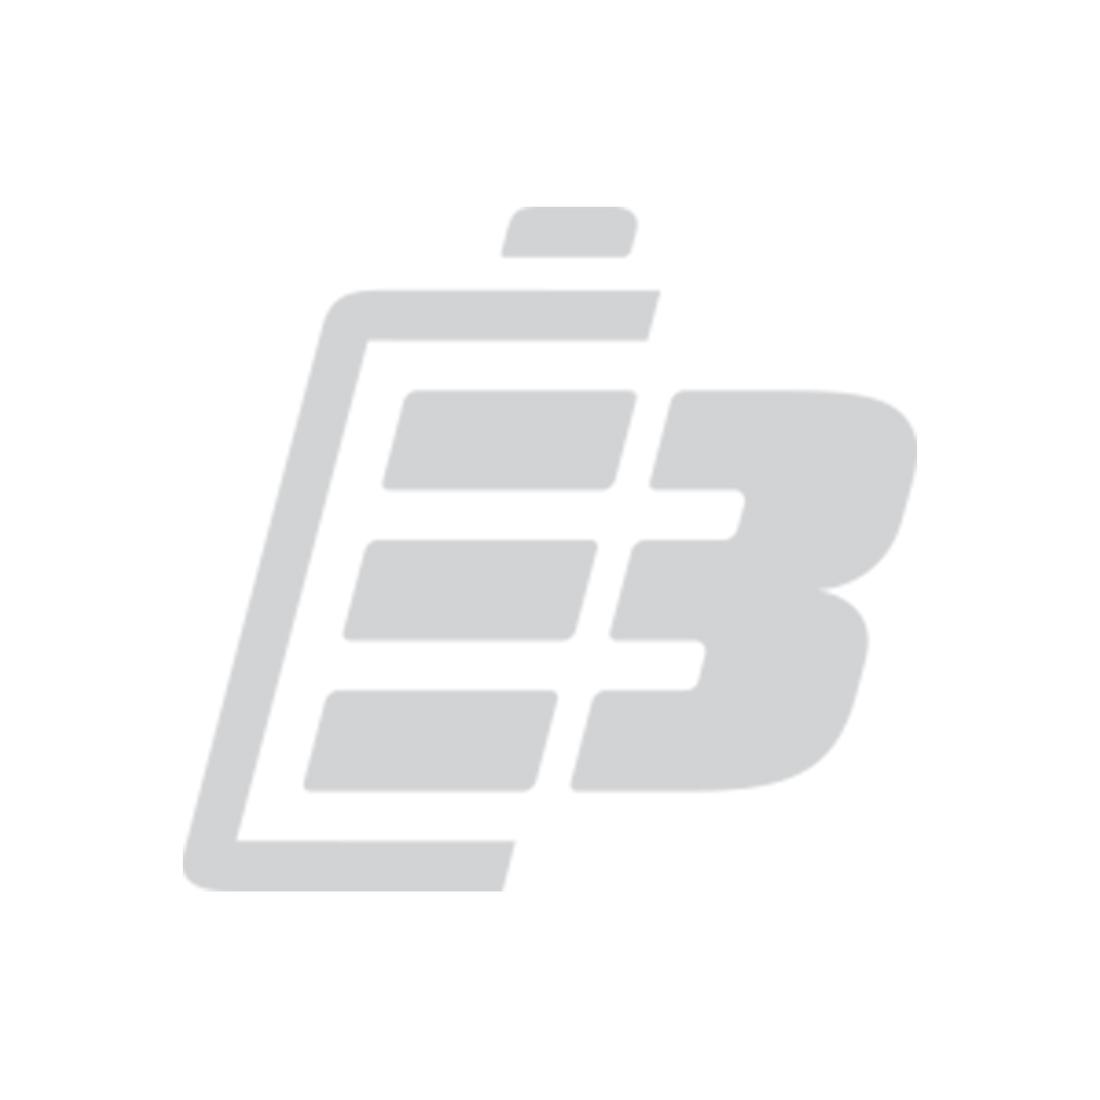 Μπαταρία ασύρματου τηλεφώνου Panasonic HHR-P104_1